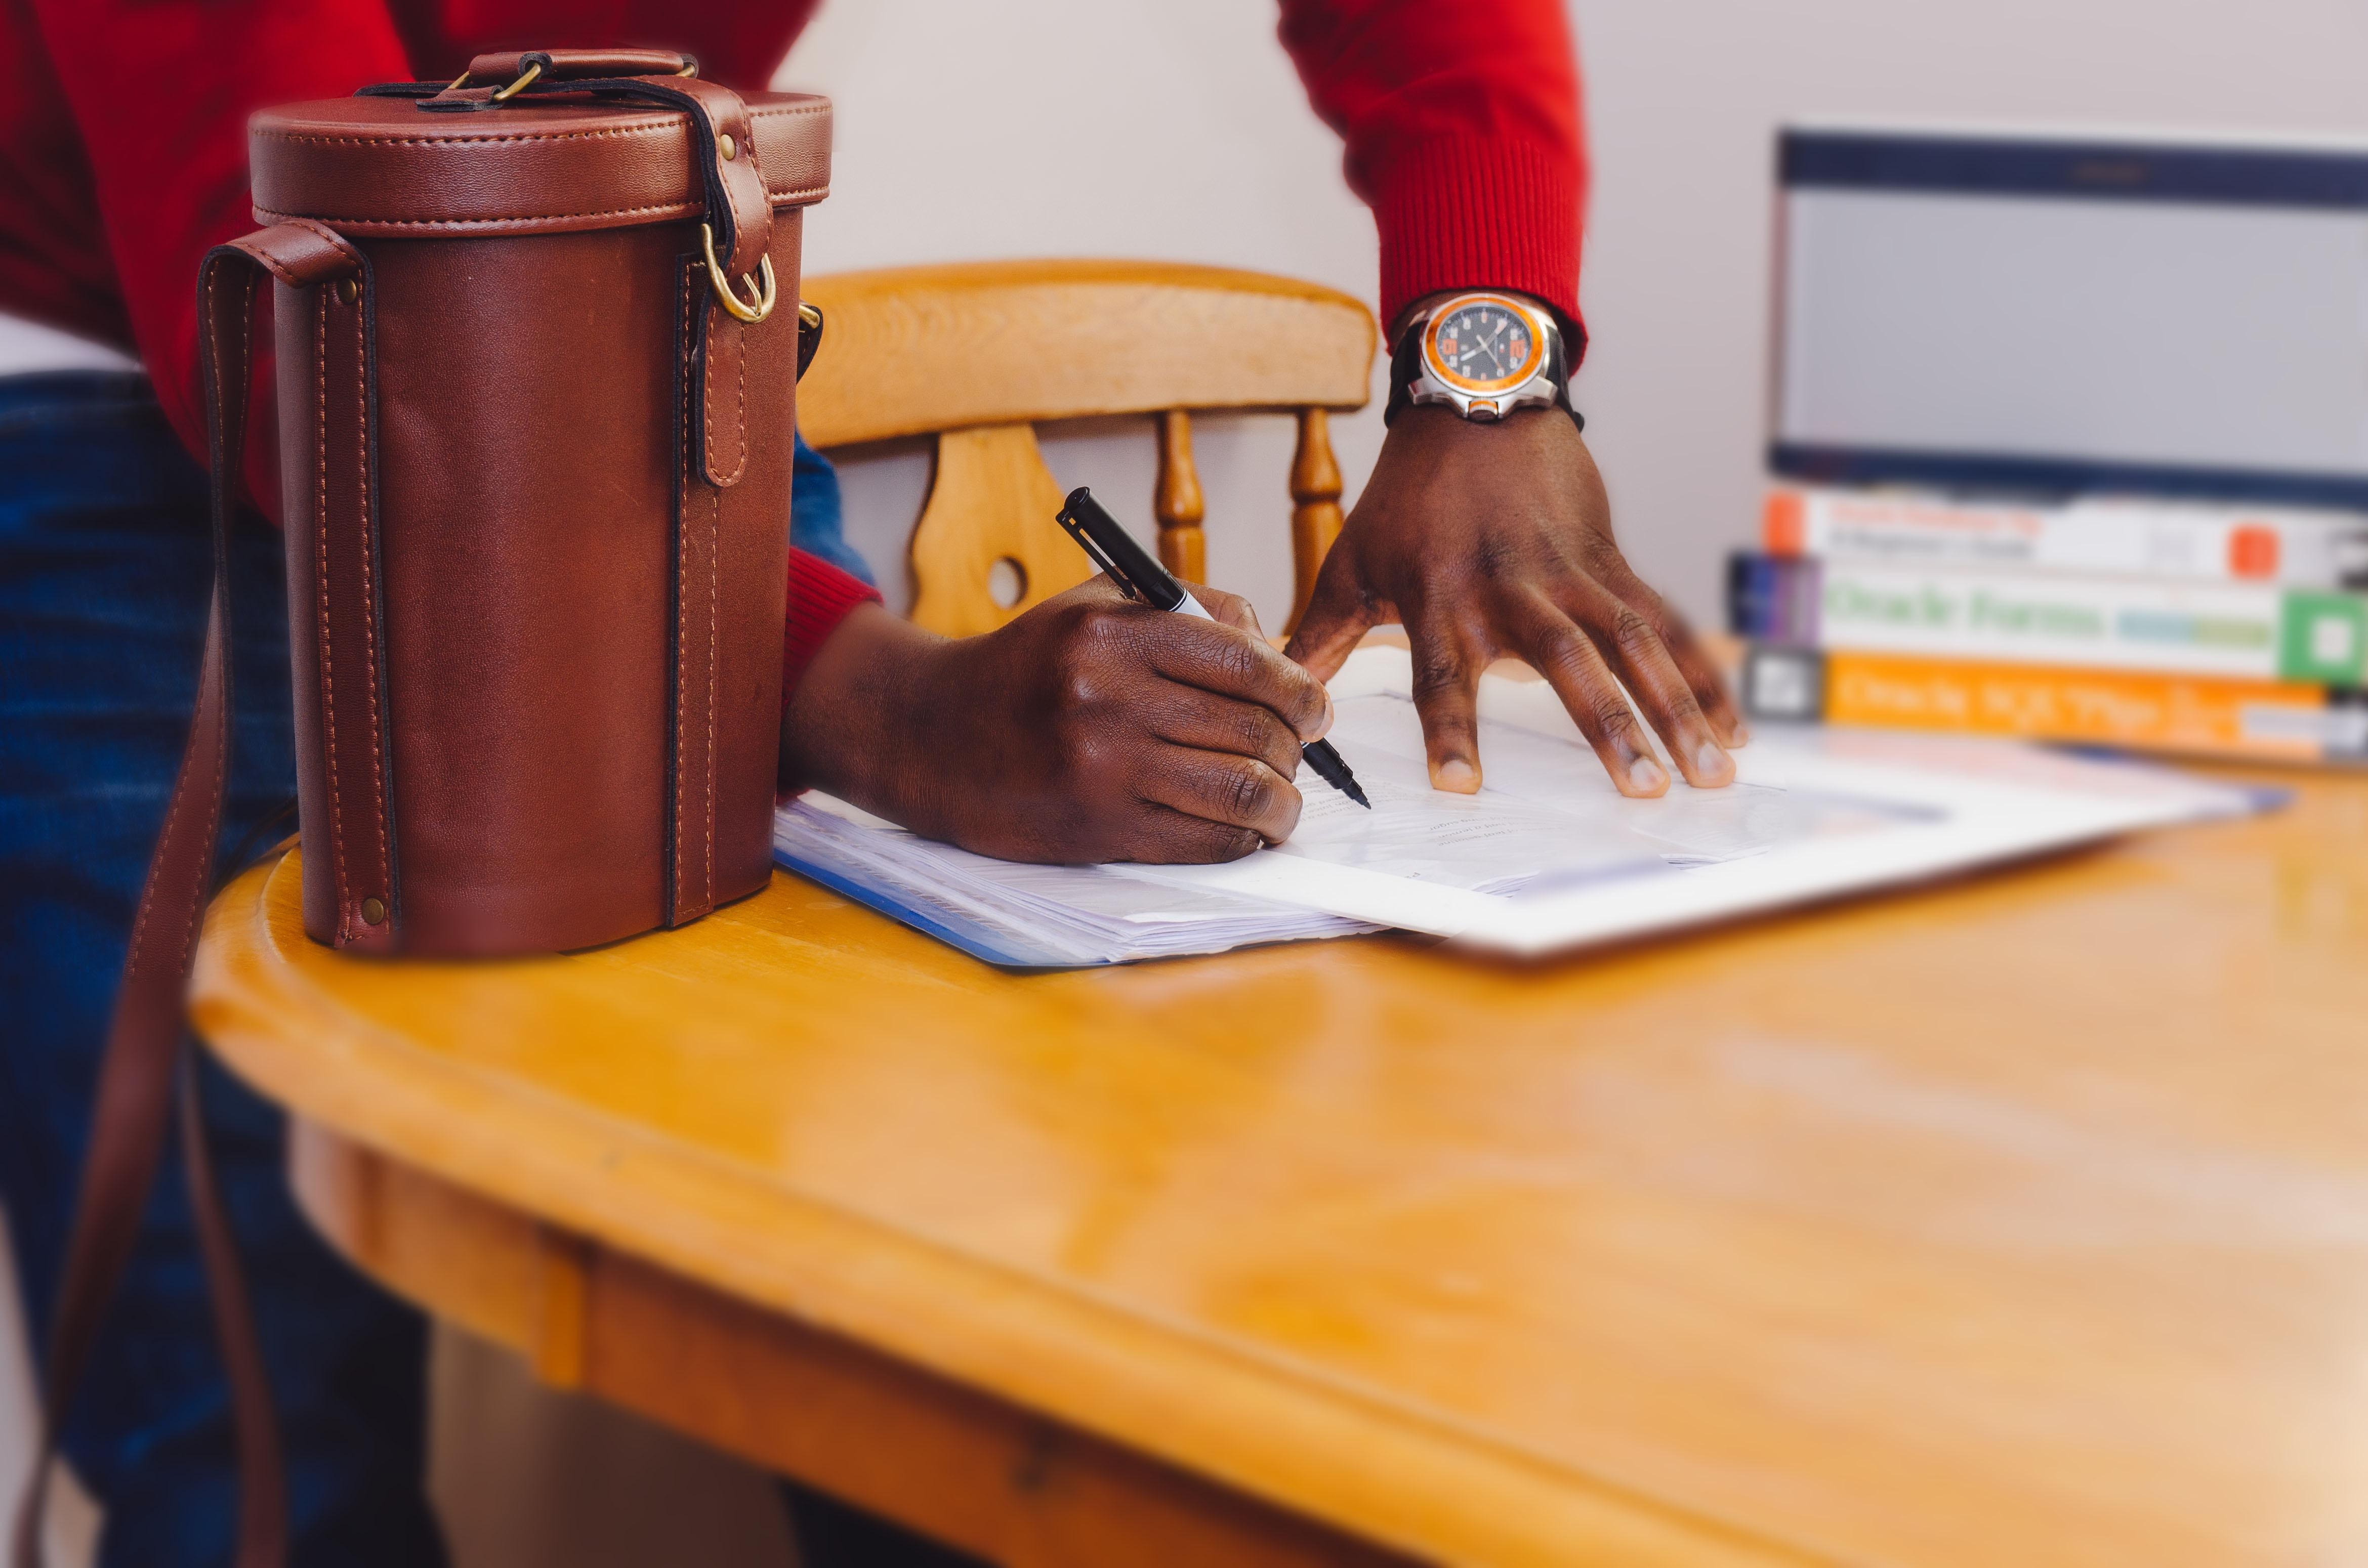 労働契約承継法改正と労働者保護